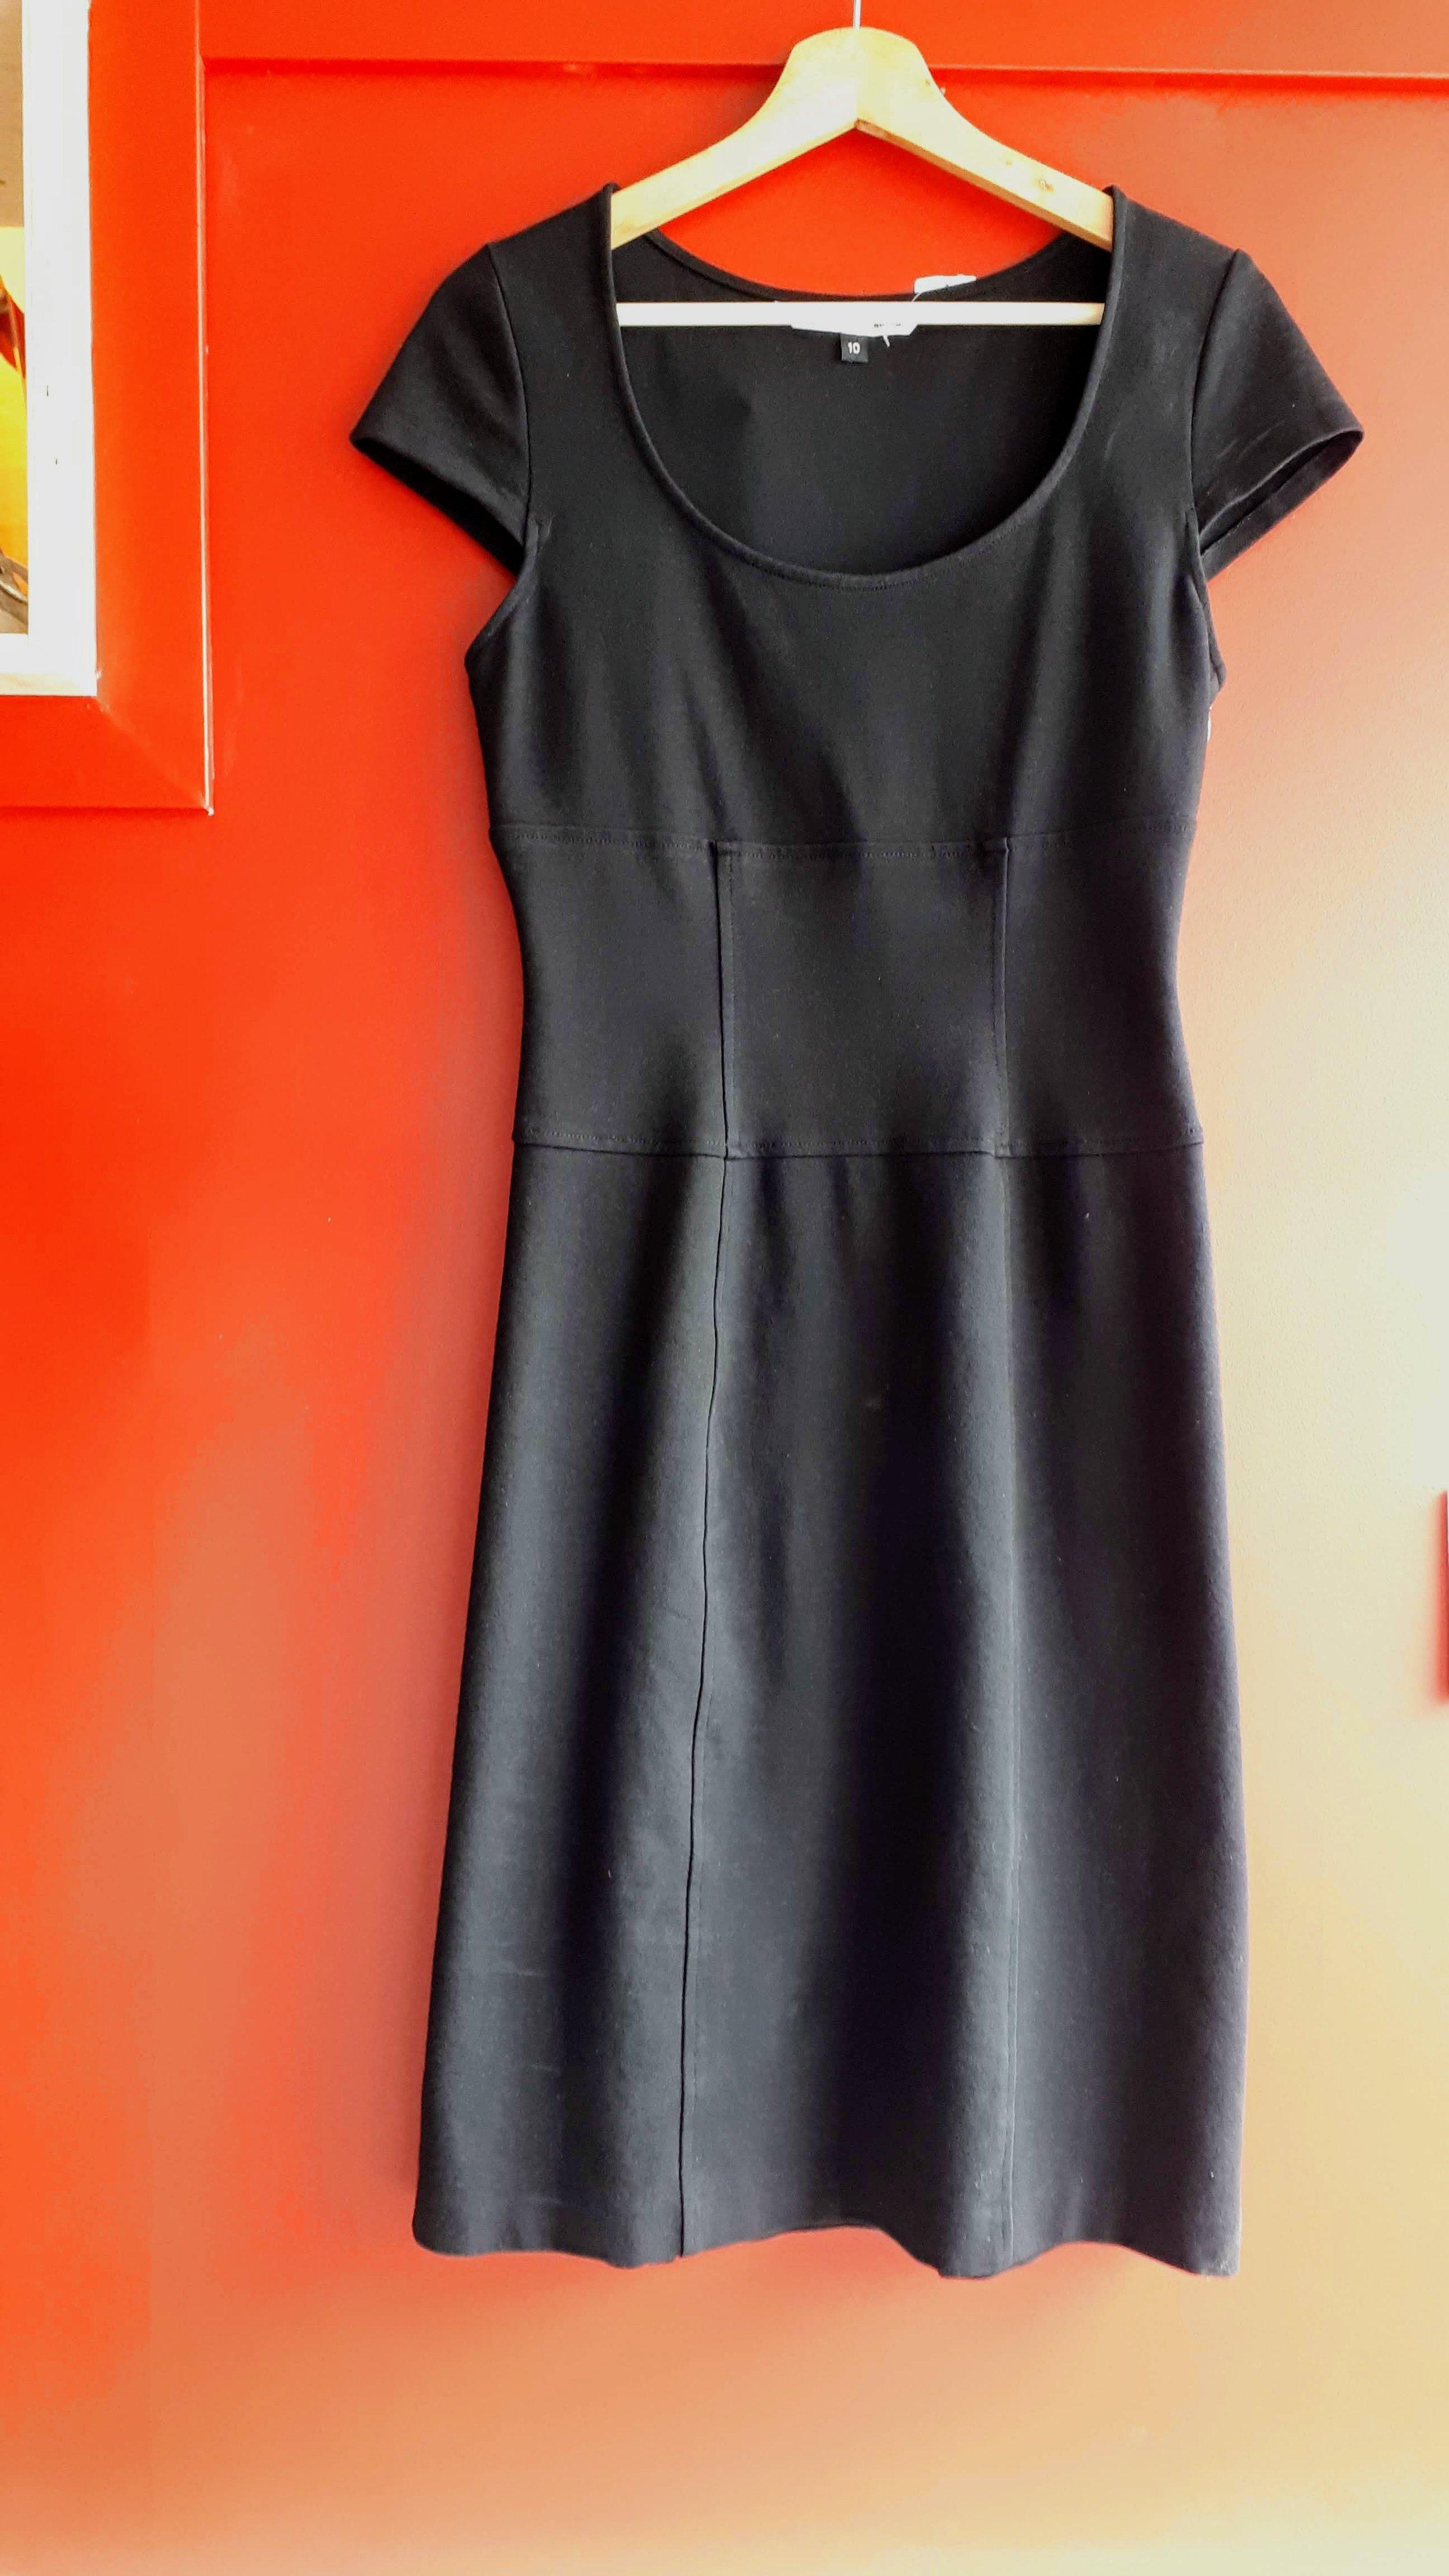 Diane von Furstenberg dress; Size 10, $48